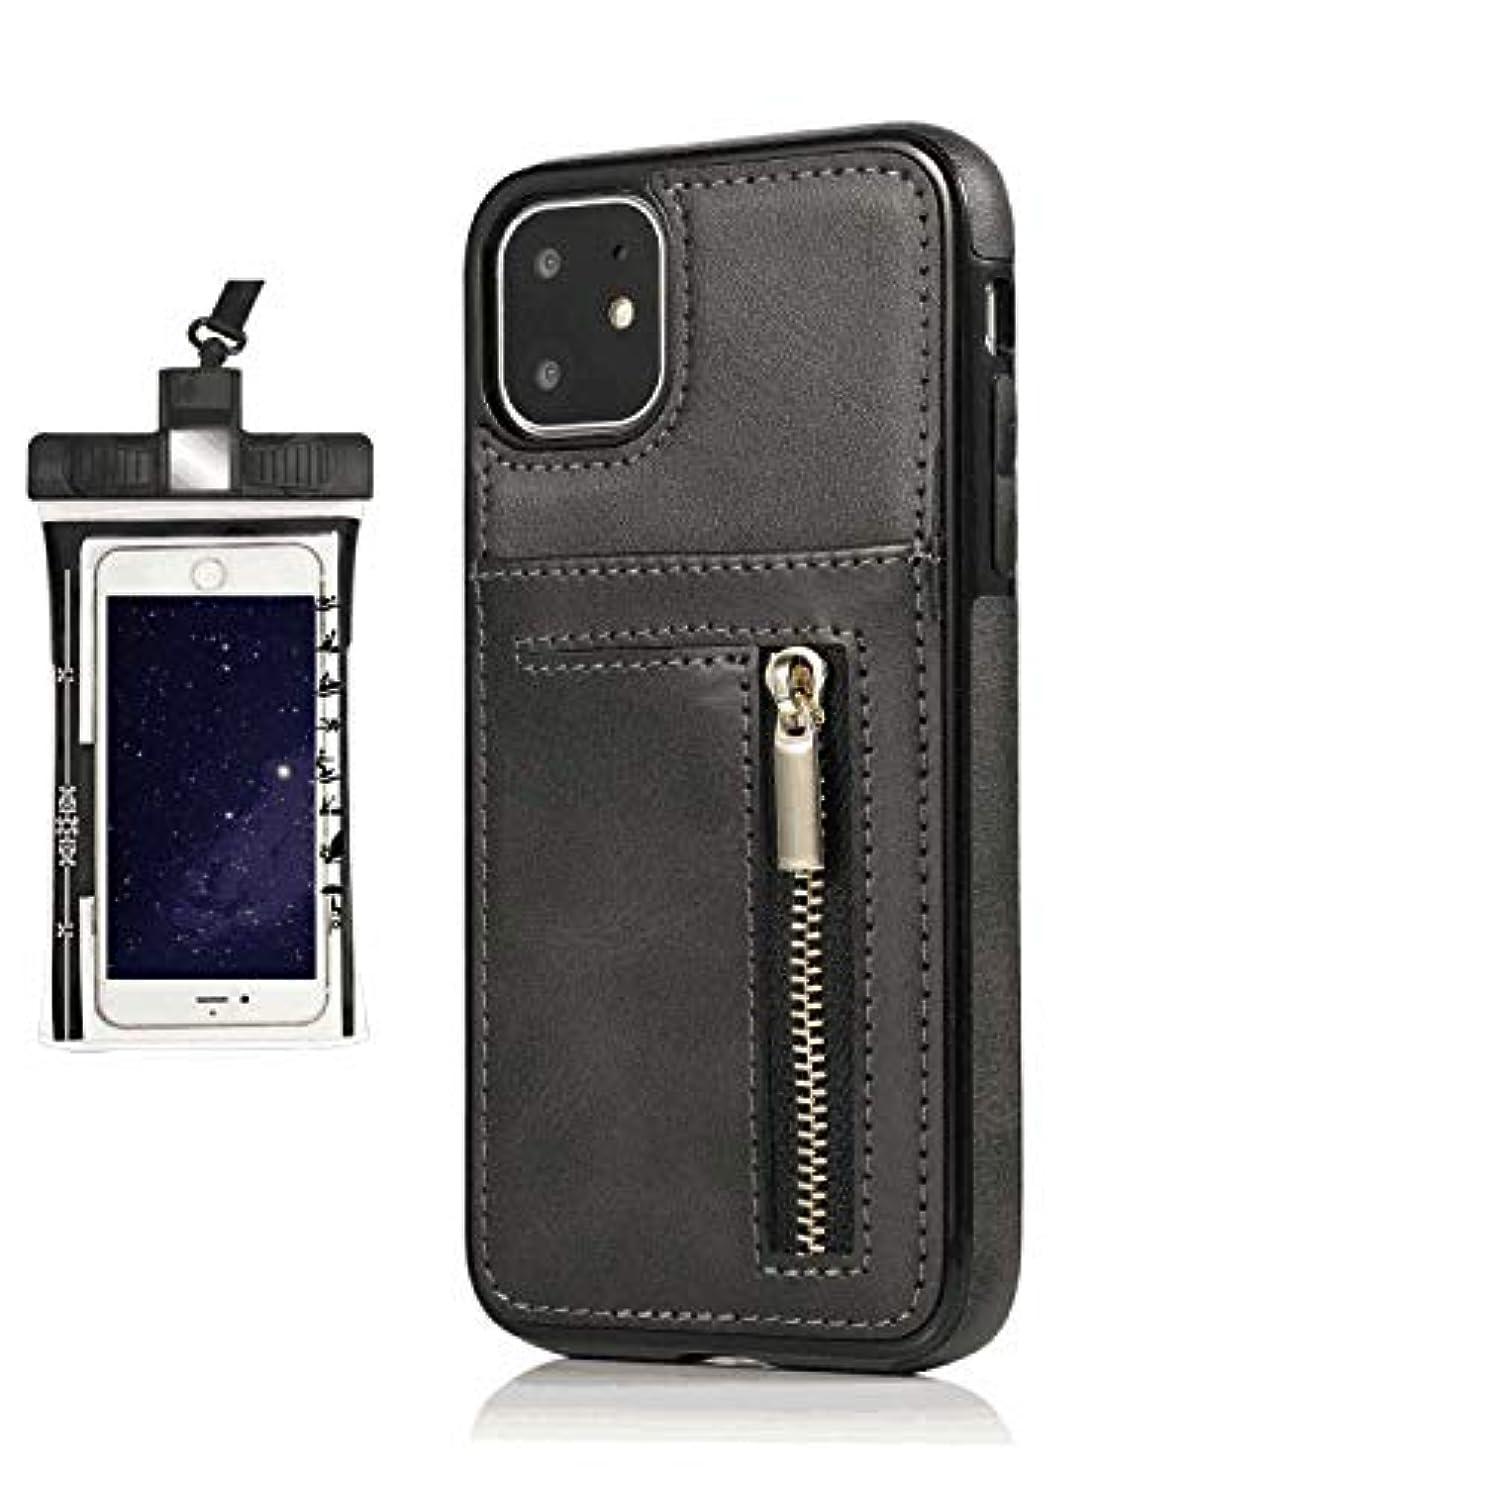 第四士気イブニング耐汚れ 手帳型 サムスン ギャラクシー Samsung Galaxy S9 Plus プラス ケース レザー 本革 防指紋 ビジネス 携帯ケース カバー収納 財布 無料付防水ポーチケース